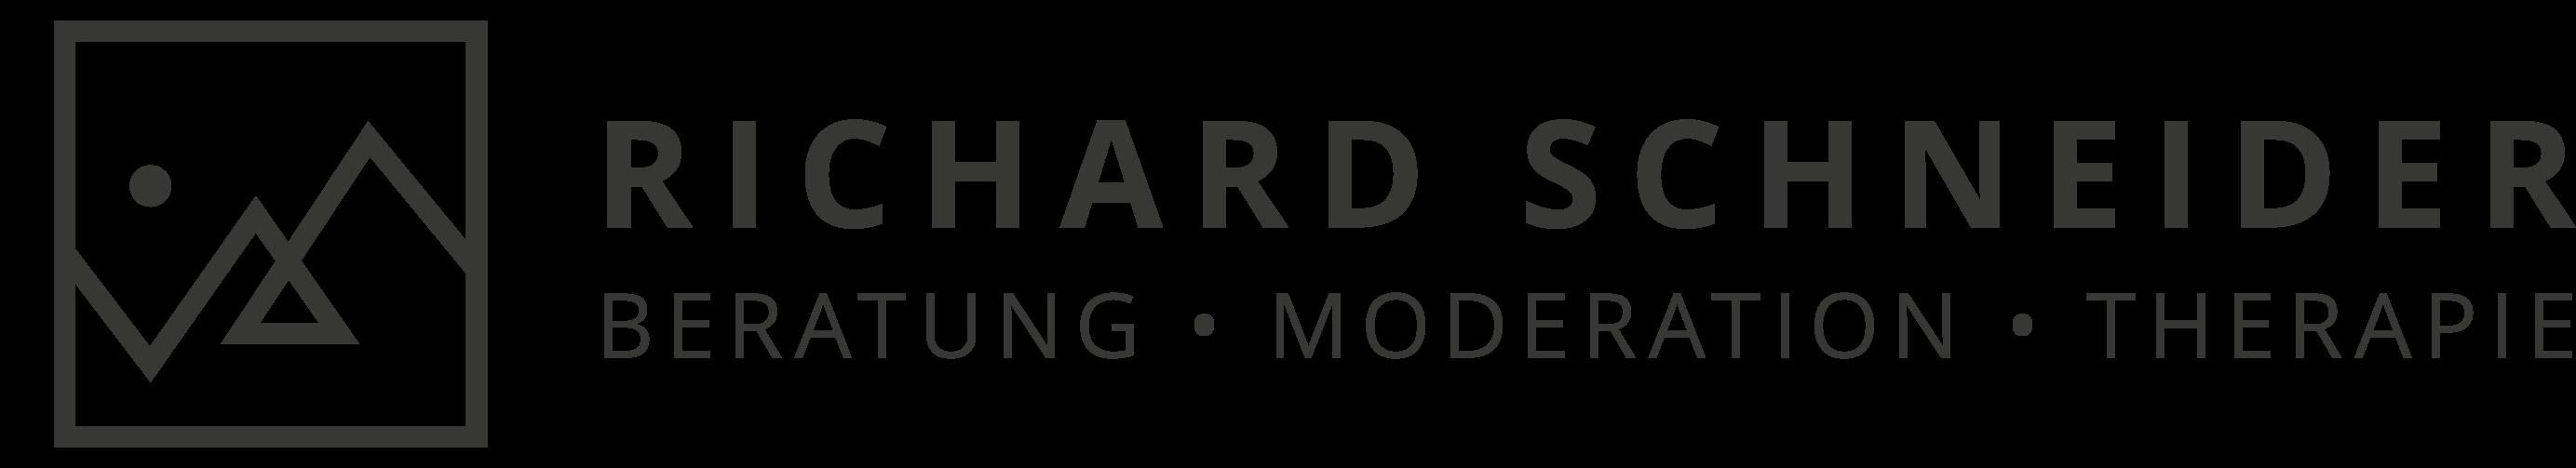 Richard_Schneider_logo-